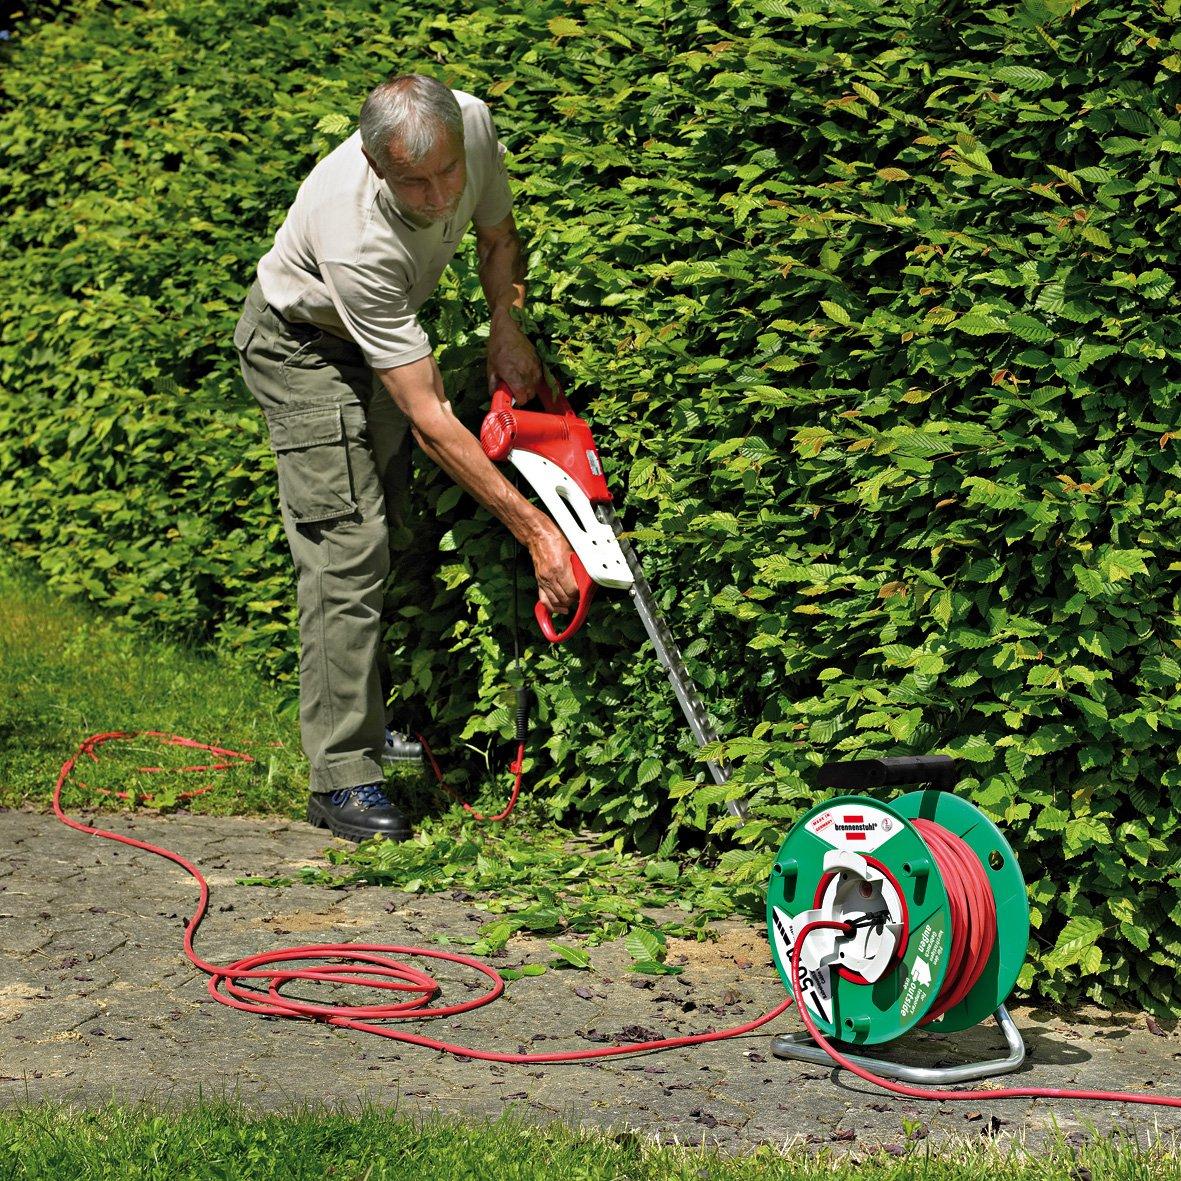 50 m vert /& rouge Jardi-50 Brennenstuhl Enrouleur de c/âble jardin rallonge ext/érieure 50m avec 1 prolongateur 2P+T /& 1 fiche 2P+T Quantit/é : 1